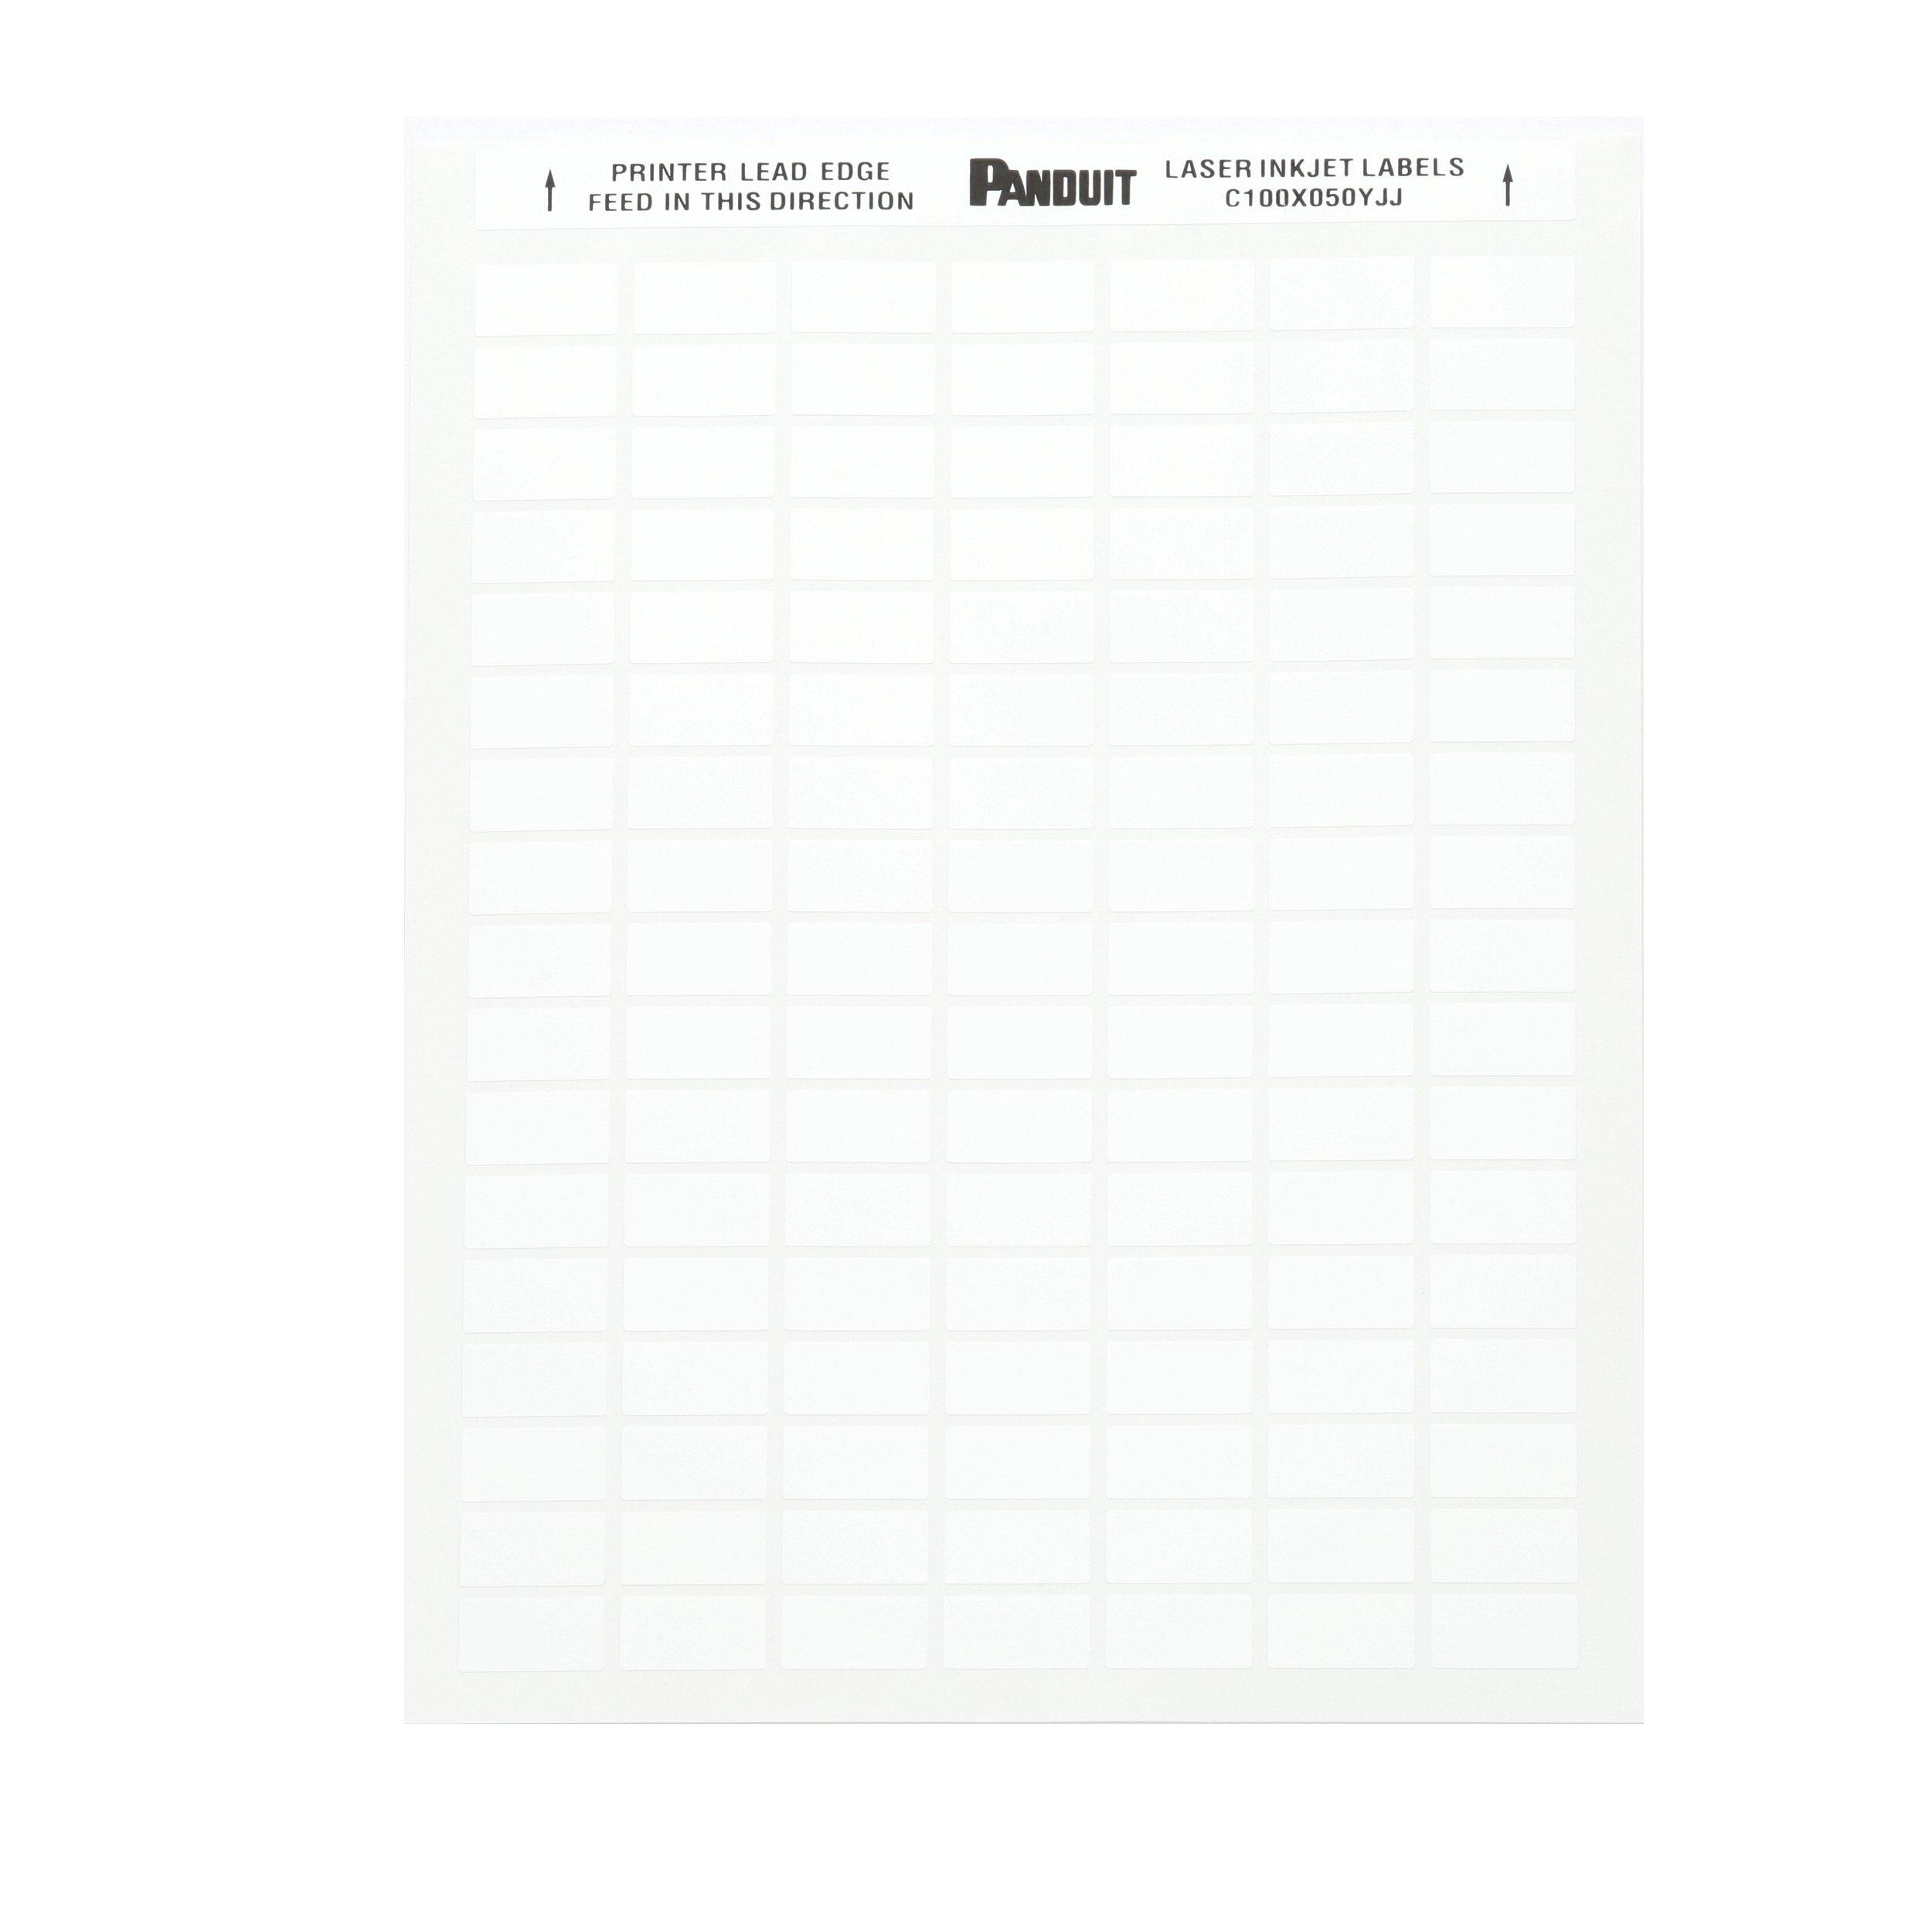 Panduit C075X025YJJ Laser/Ink Jet Label,  Adhesive Polyester, White (10,000-Pack)